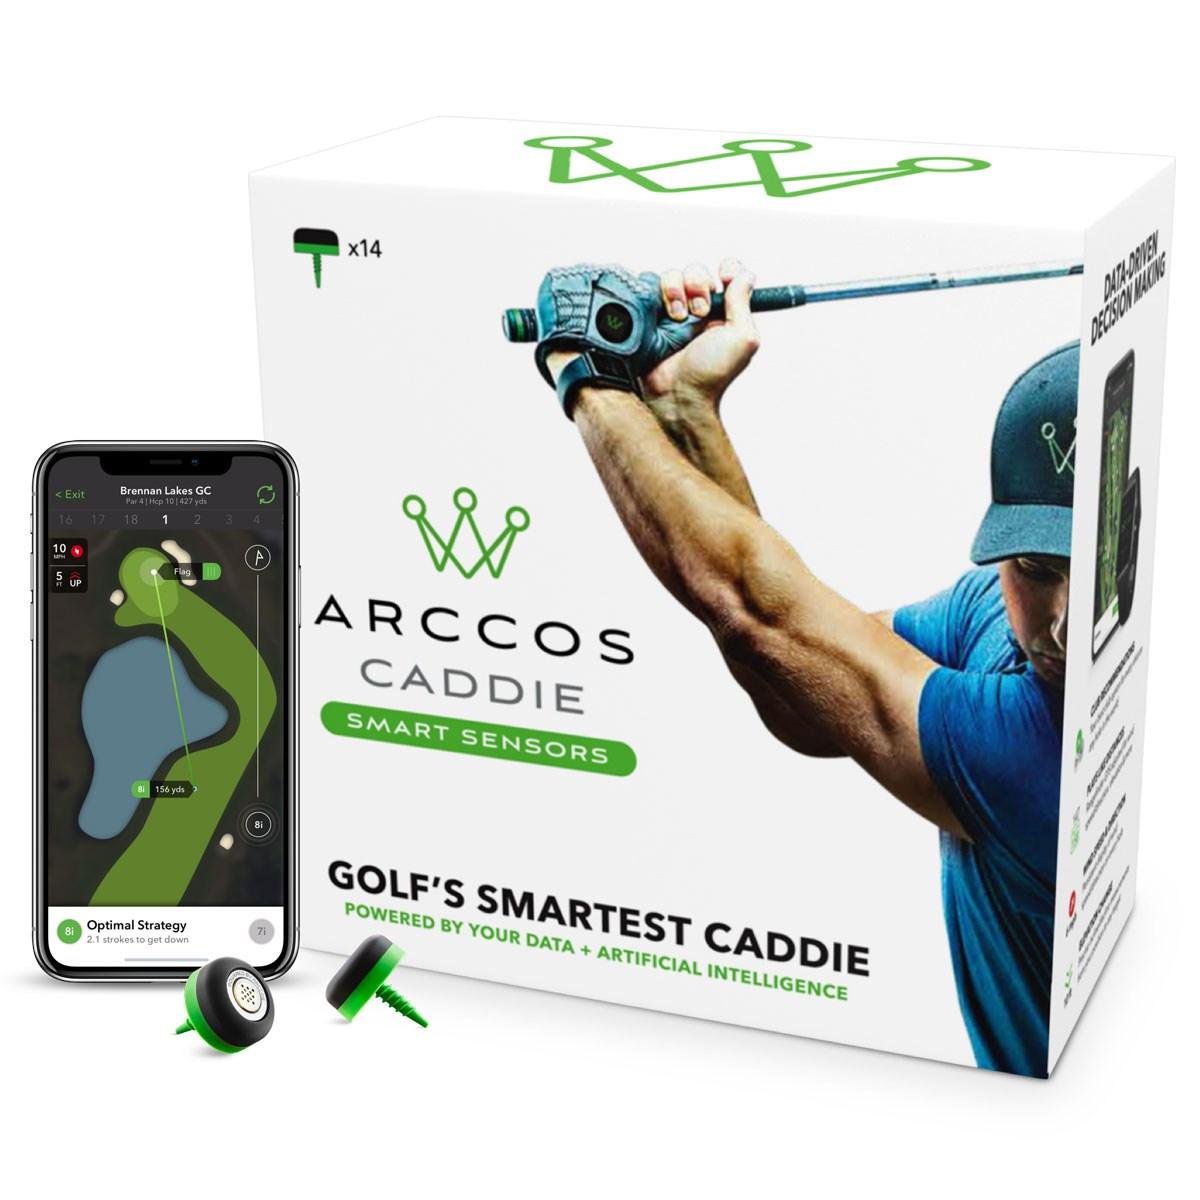 アーコスゴルフ Arccos Caddie Smart Sensors【対応OS】 iOS 10以降